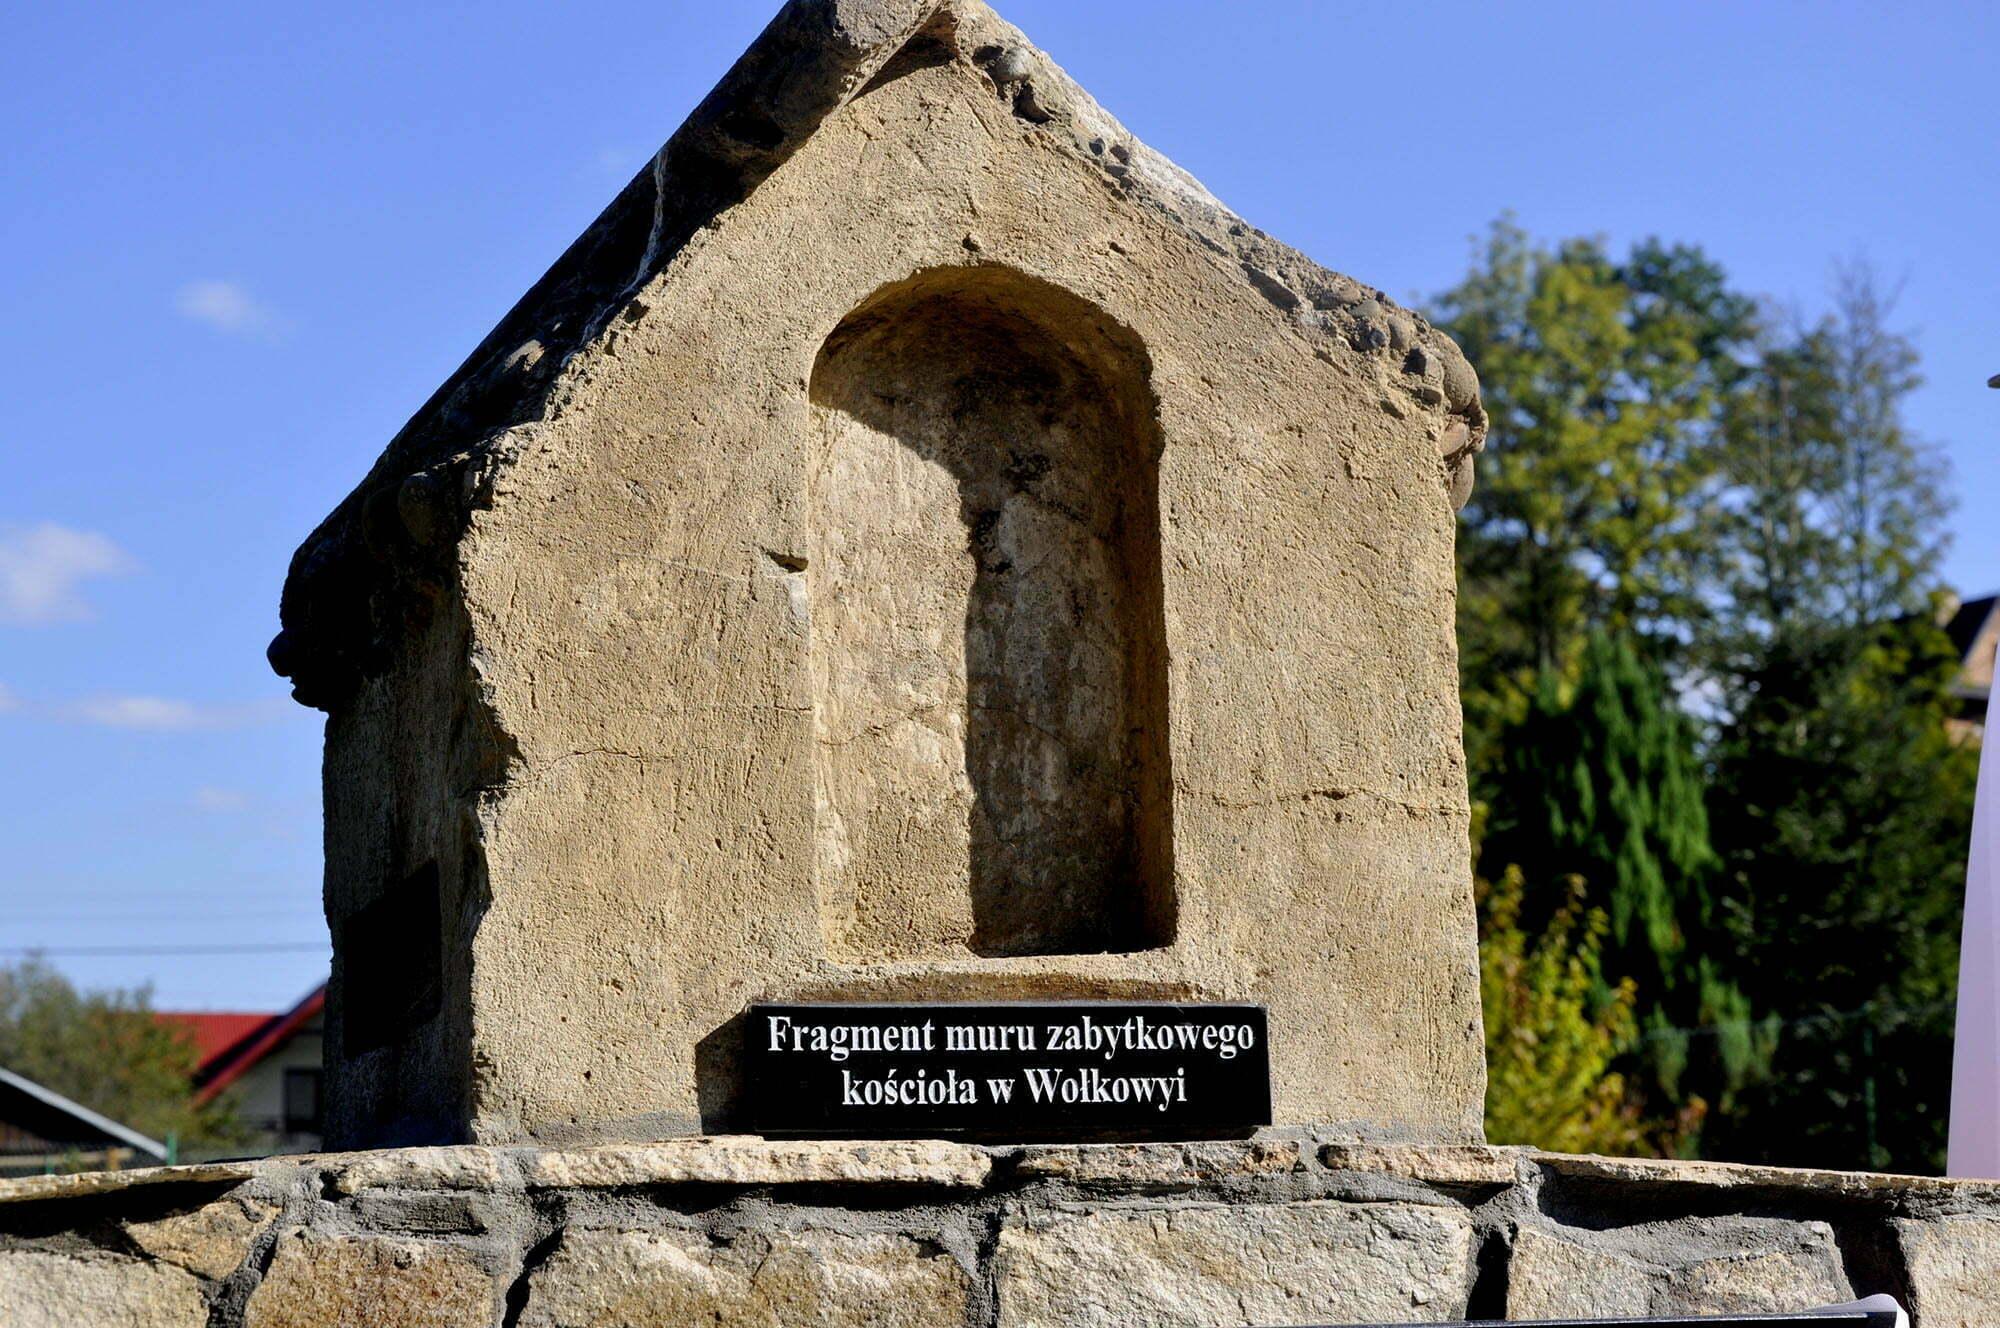 Fragment muru zabytkowego kościoła w Wołkowyi / fot. Lidia Tul-Chmielewska